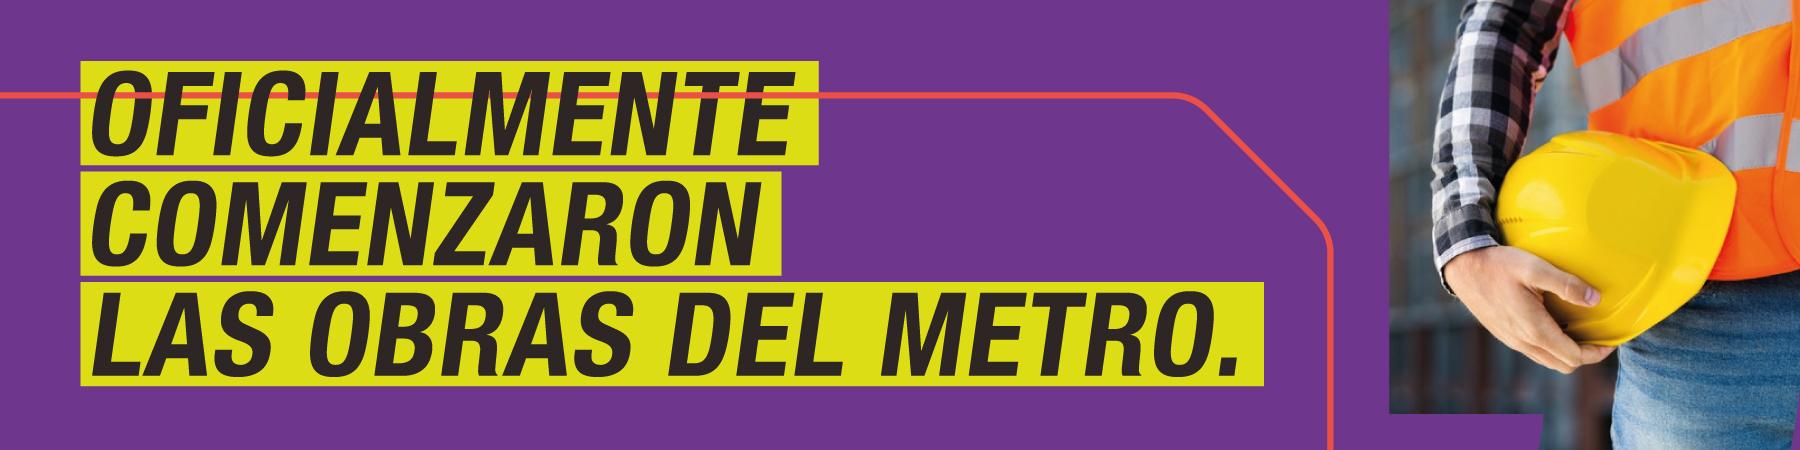 Oficialmente comenzaron las obras del metro